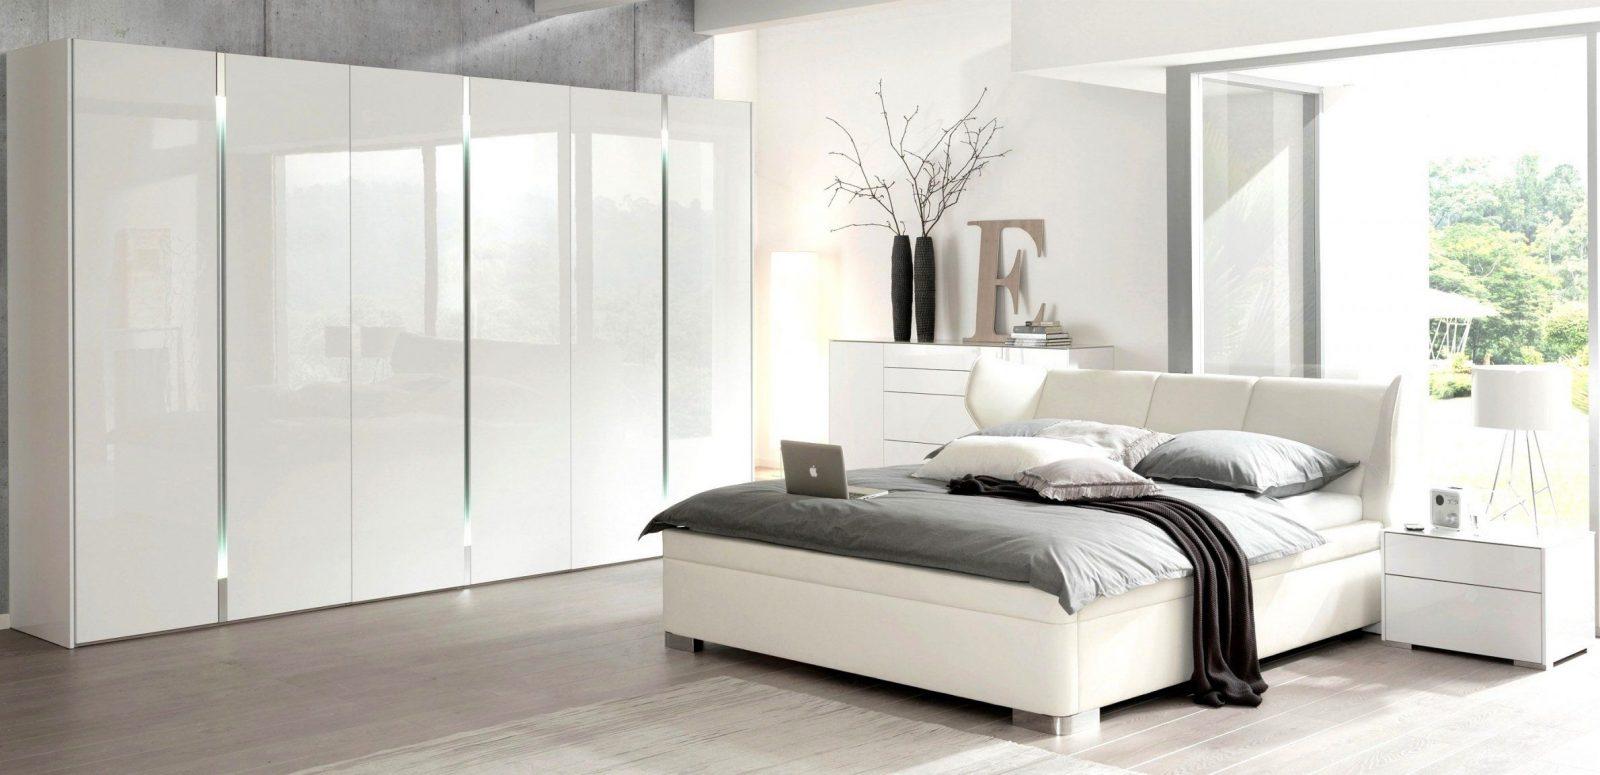 Schlafzimmer Hochglanz Weiß | Schlafzimmer Komplett Schwarz Hochglanz Kommode Weiss Schwarz